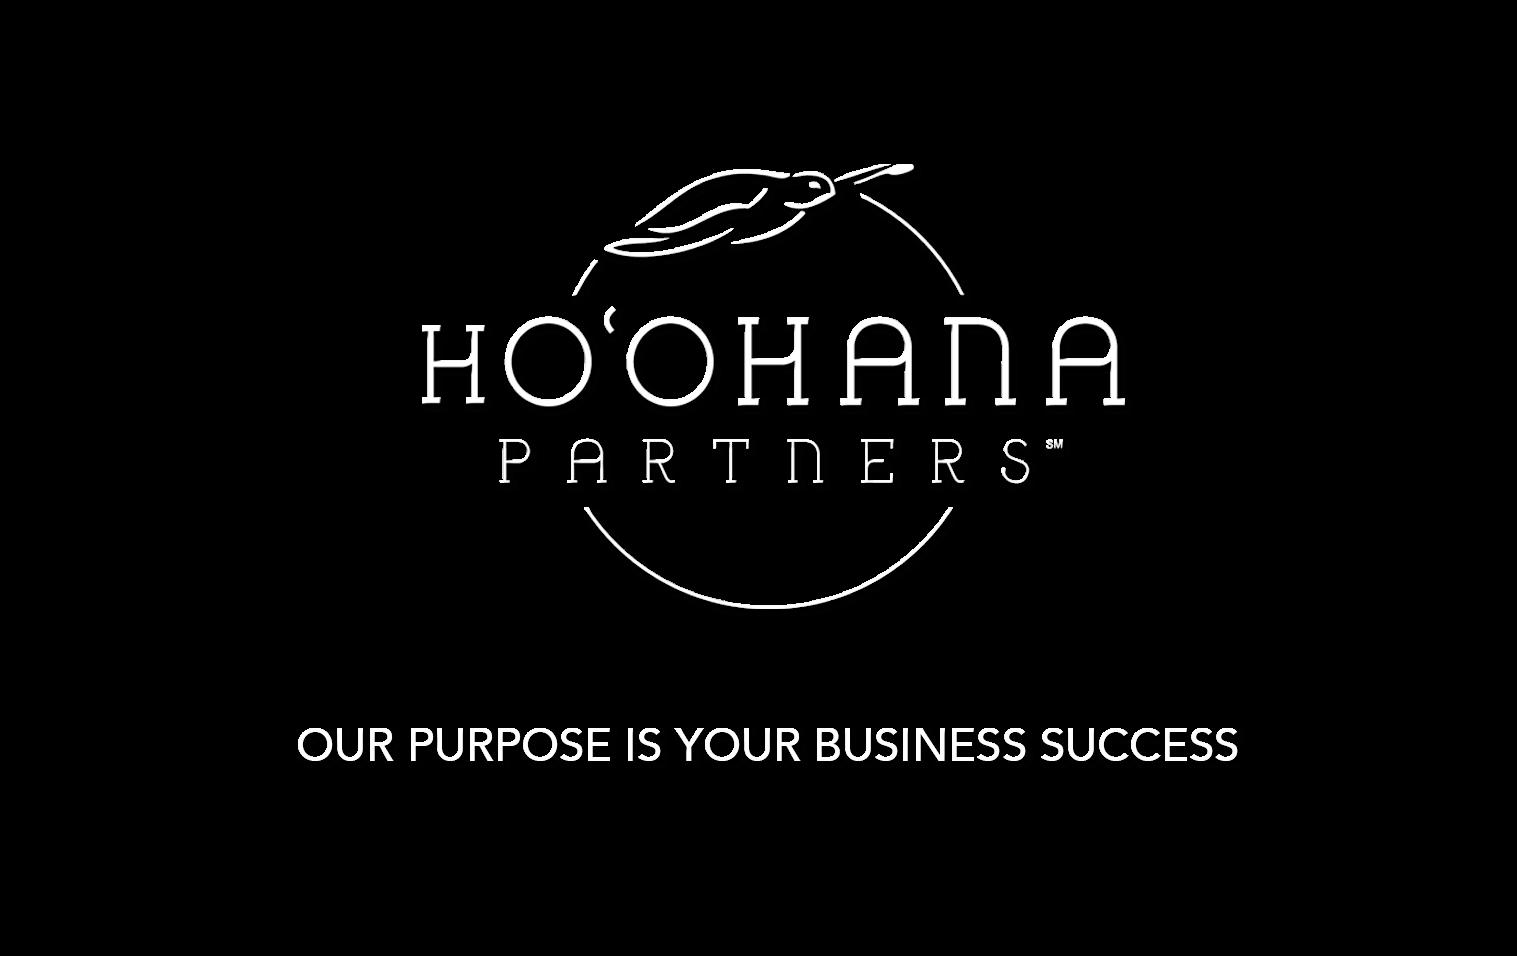 Hoohana Partners